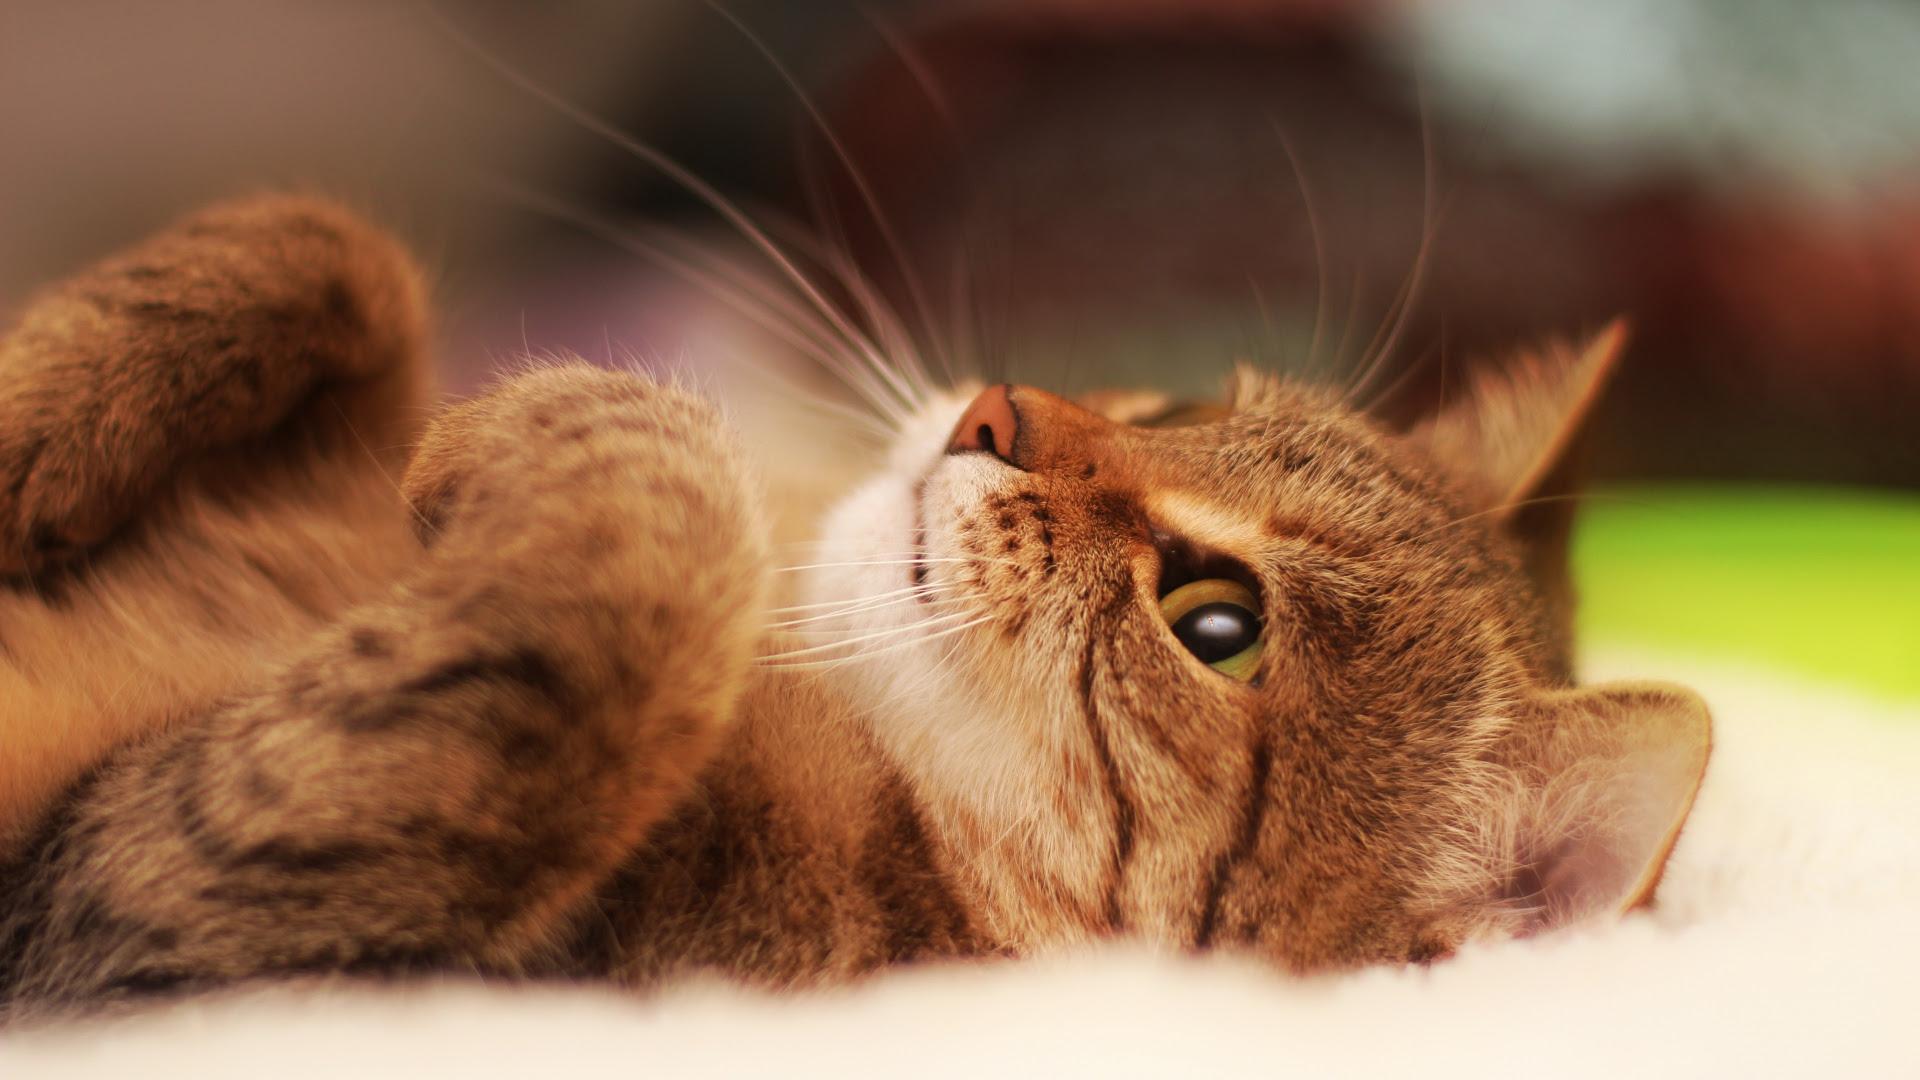 Cute Cat Wallpaper Iphone